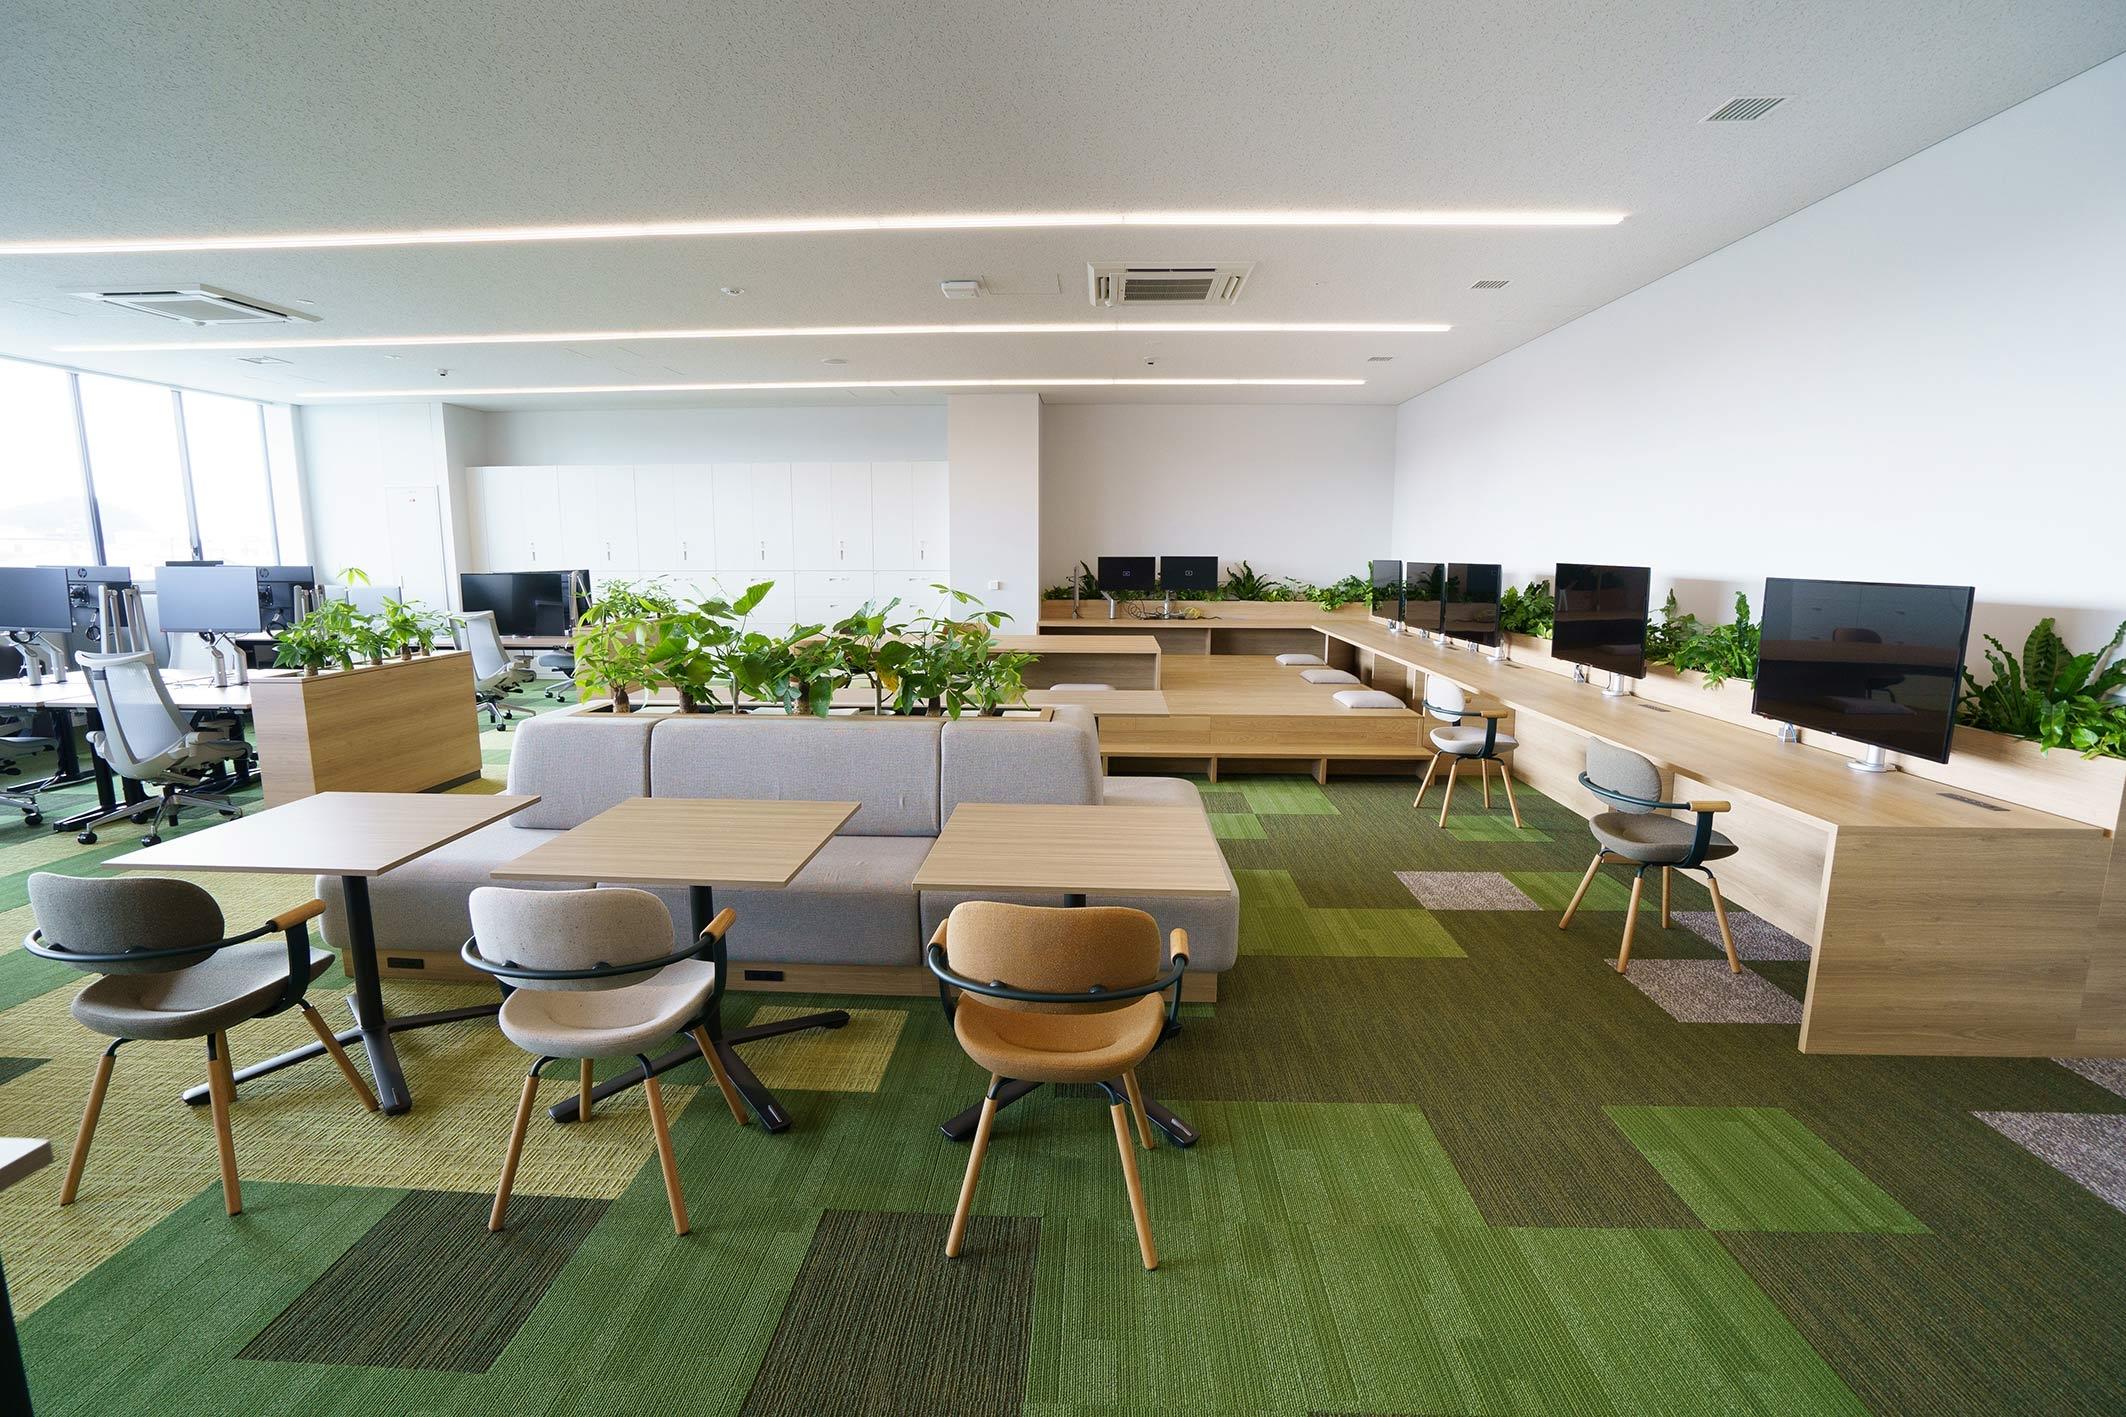 グリーン系の内装と植栽を施した3階の実証室。「リラックス」がテーマ(写真:三菱電機)